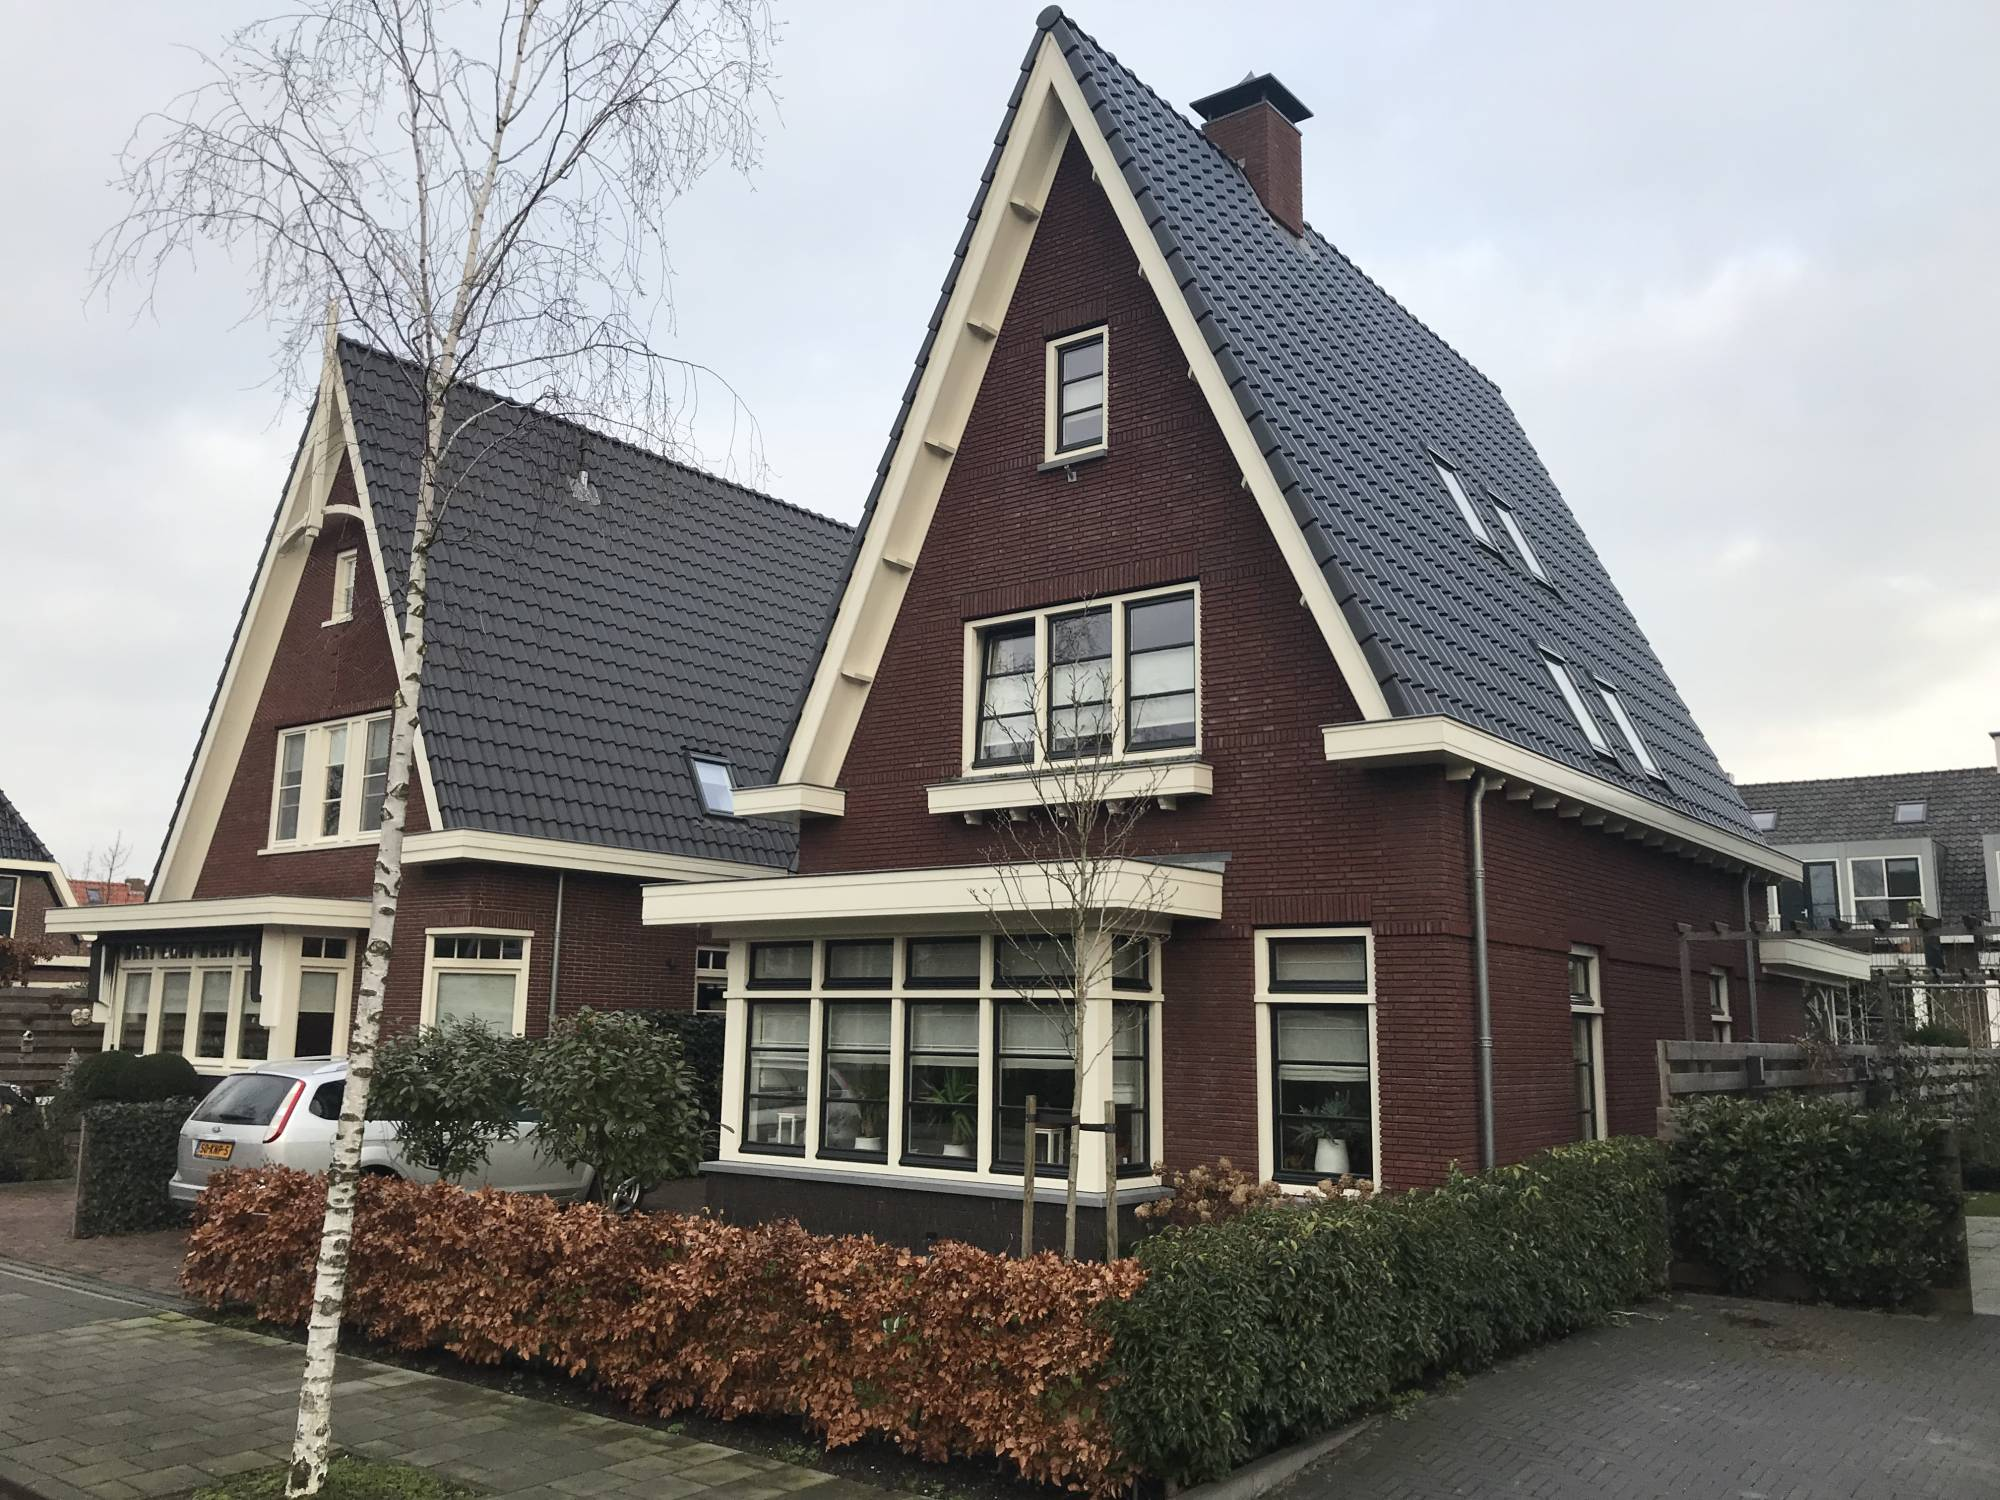 Jacobus Boumanlaan 17